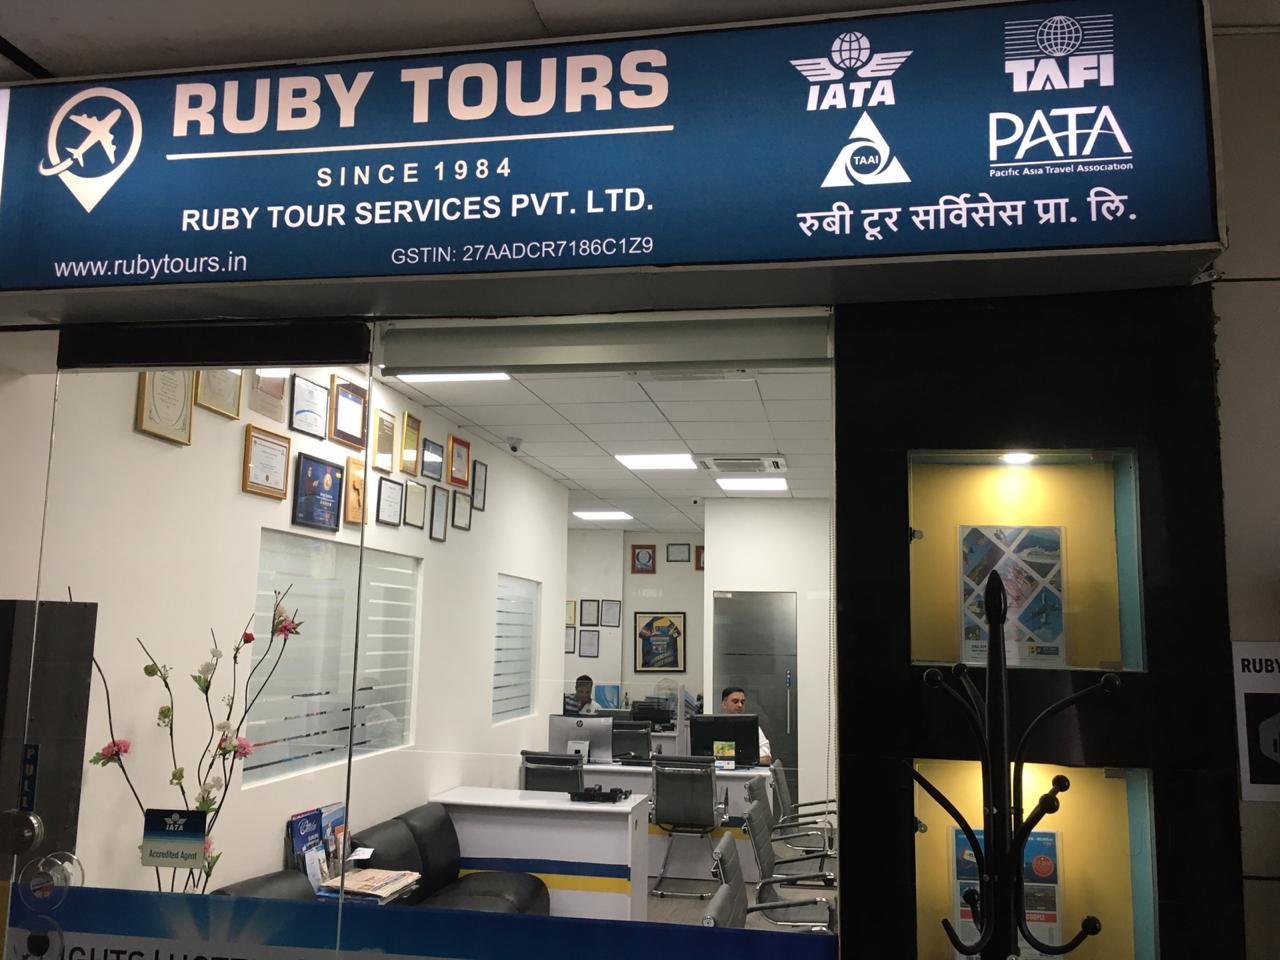 ruby tour services pvt ltd camp pune visa assistance g92ig6ssjj